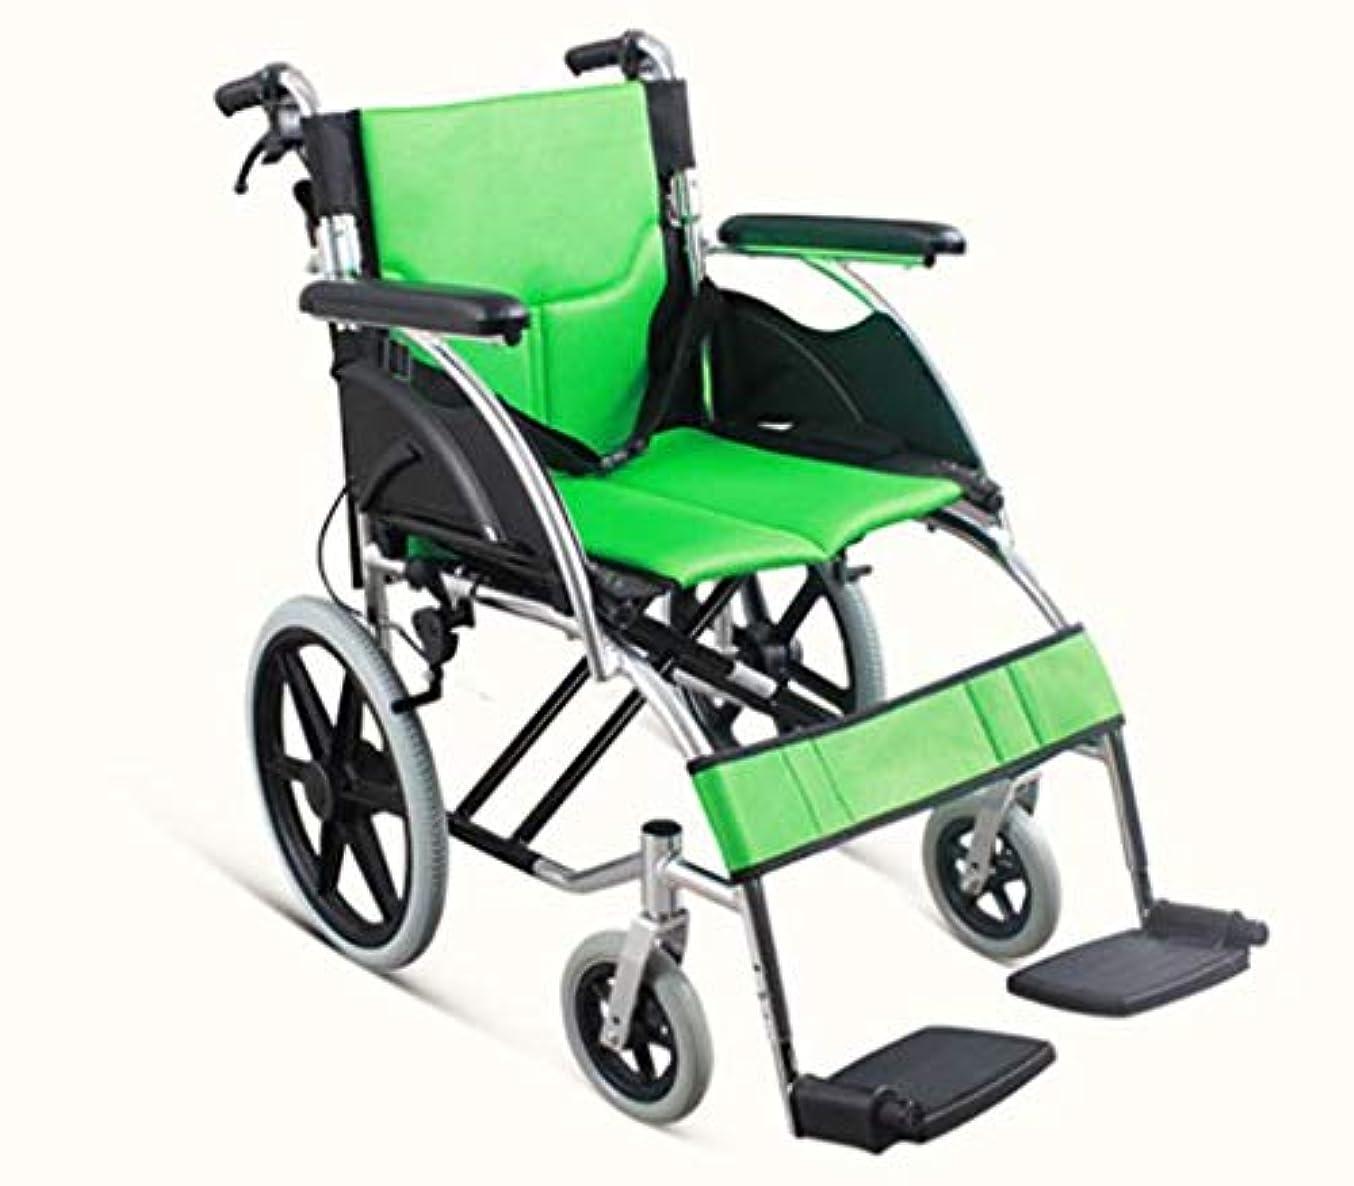 急勾配の不一致ドック手動車椅子折りたたみ式、ポータブル車椅子高強度アルミニウム合金ブラケット、屋外旅行高齢者車椅子に適しています